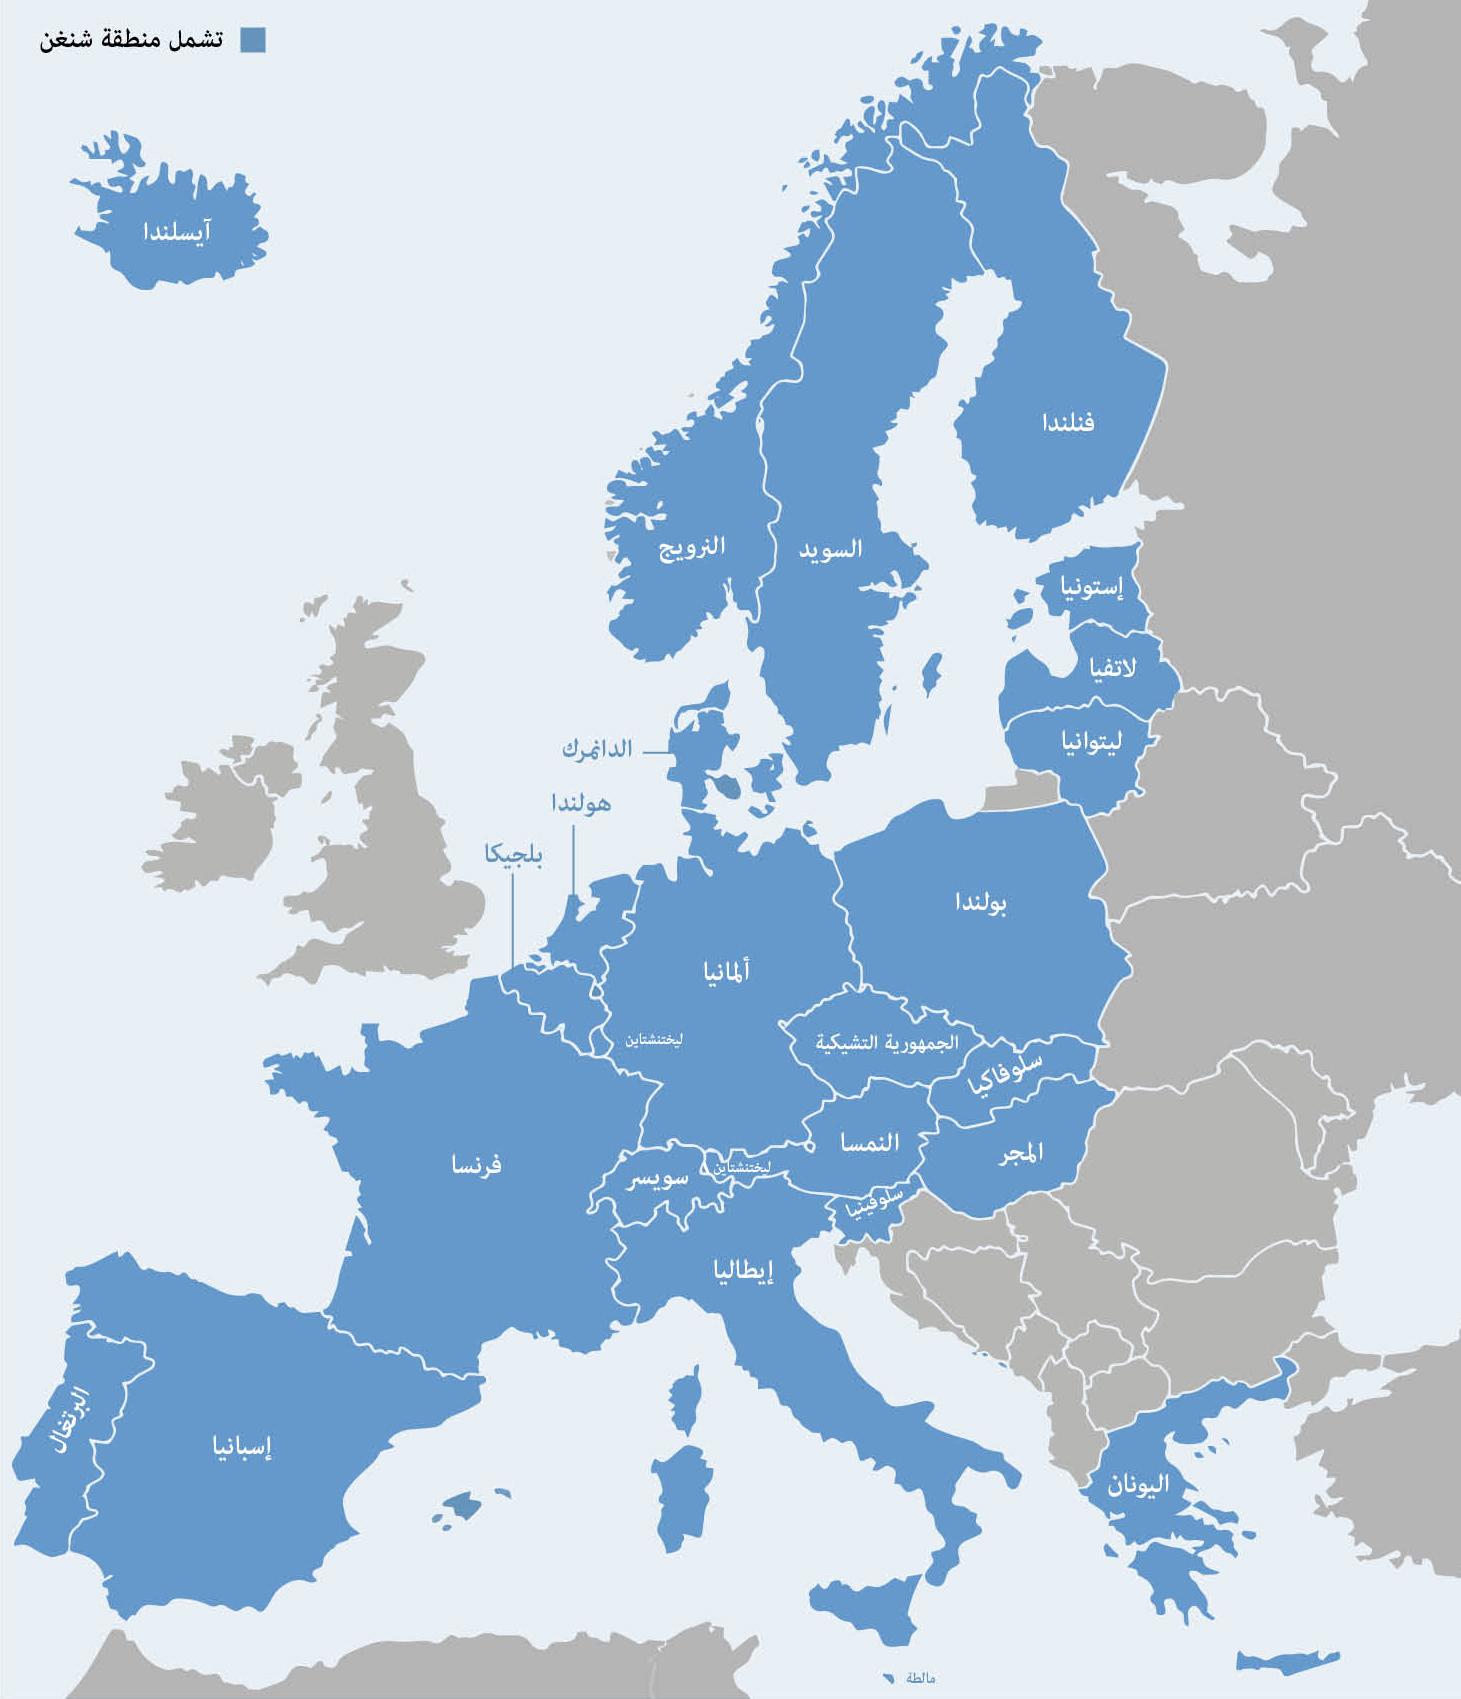 Map of the Schengen area